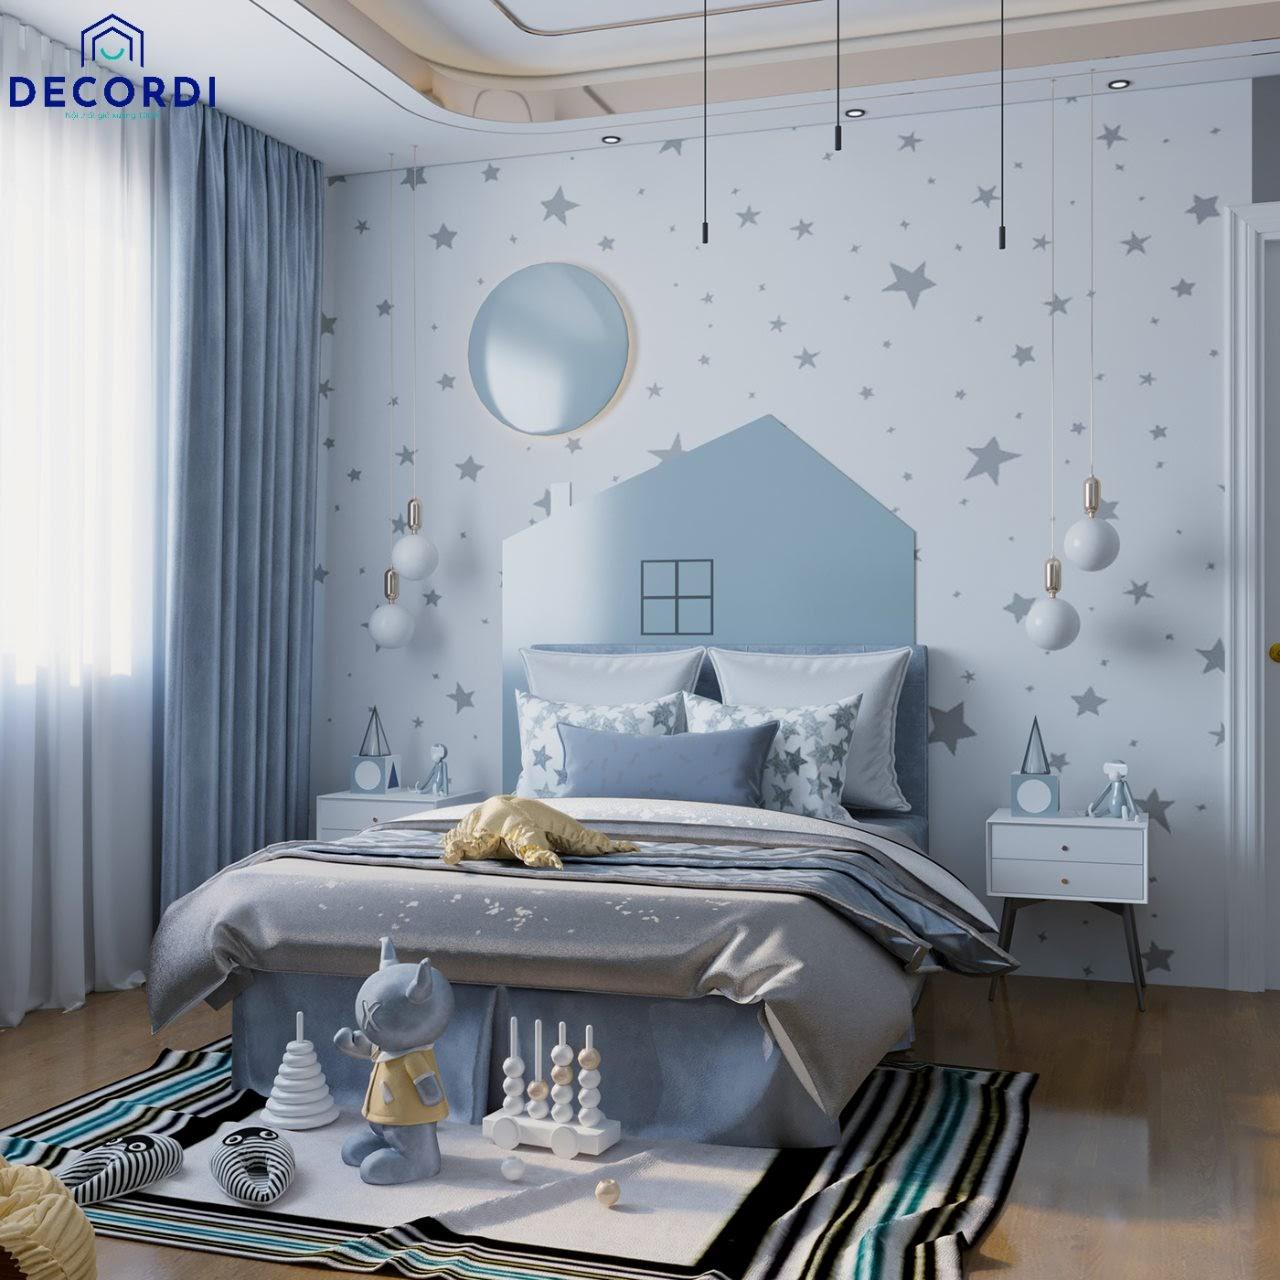 Mẫu phòng ngủ màu xanh dương đẹp